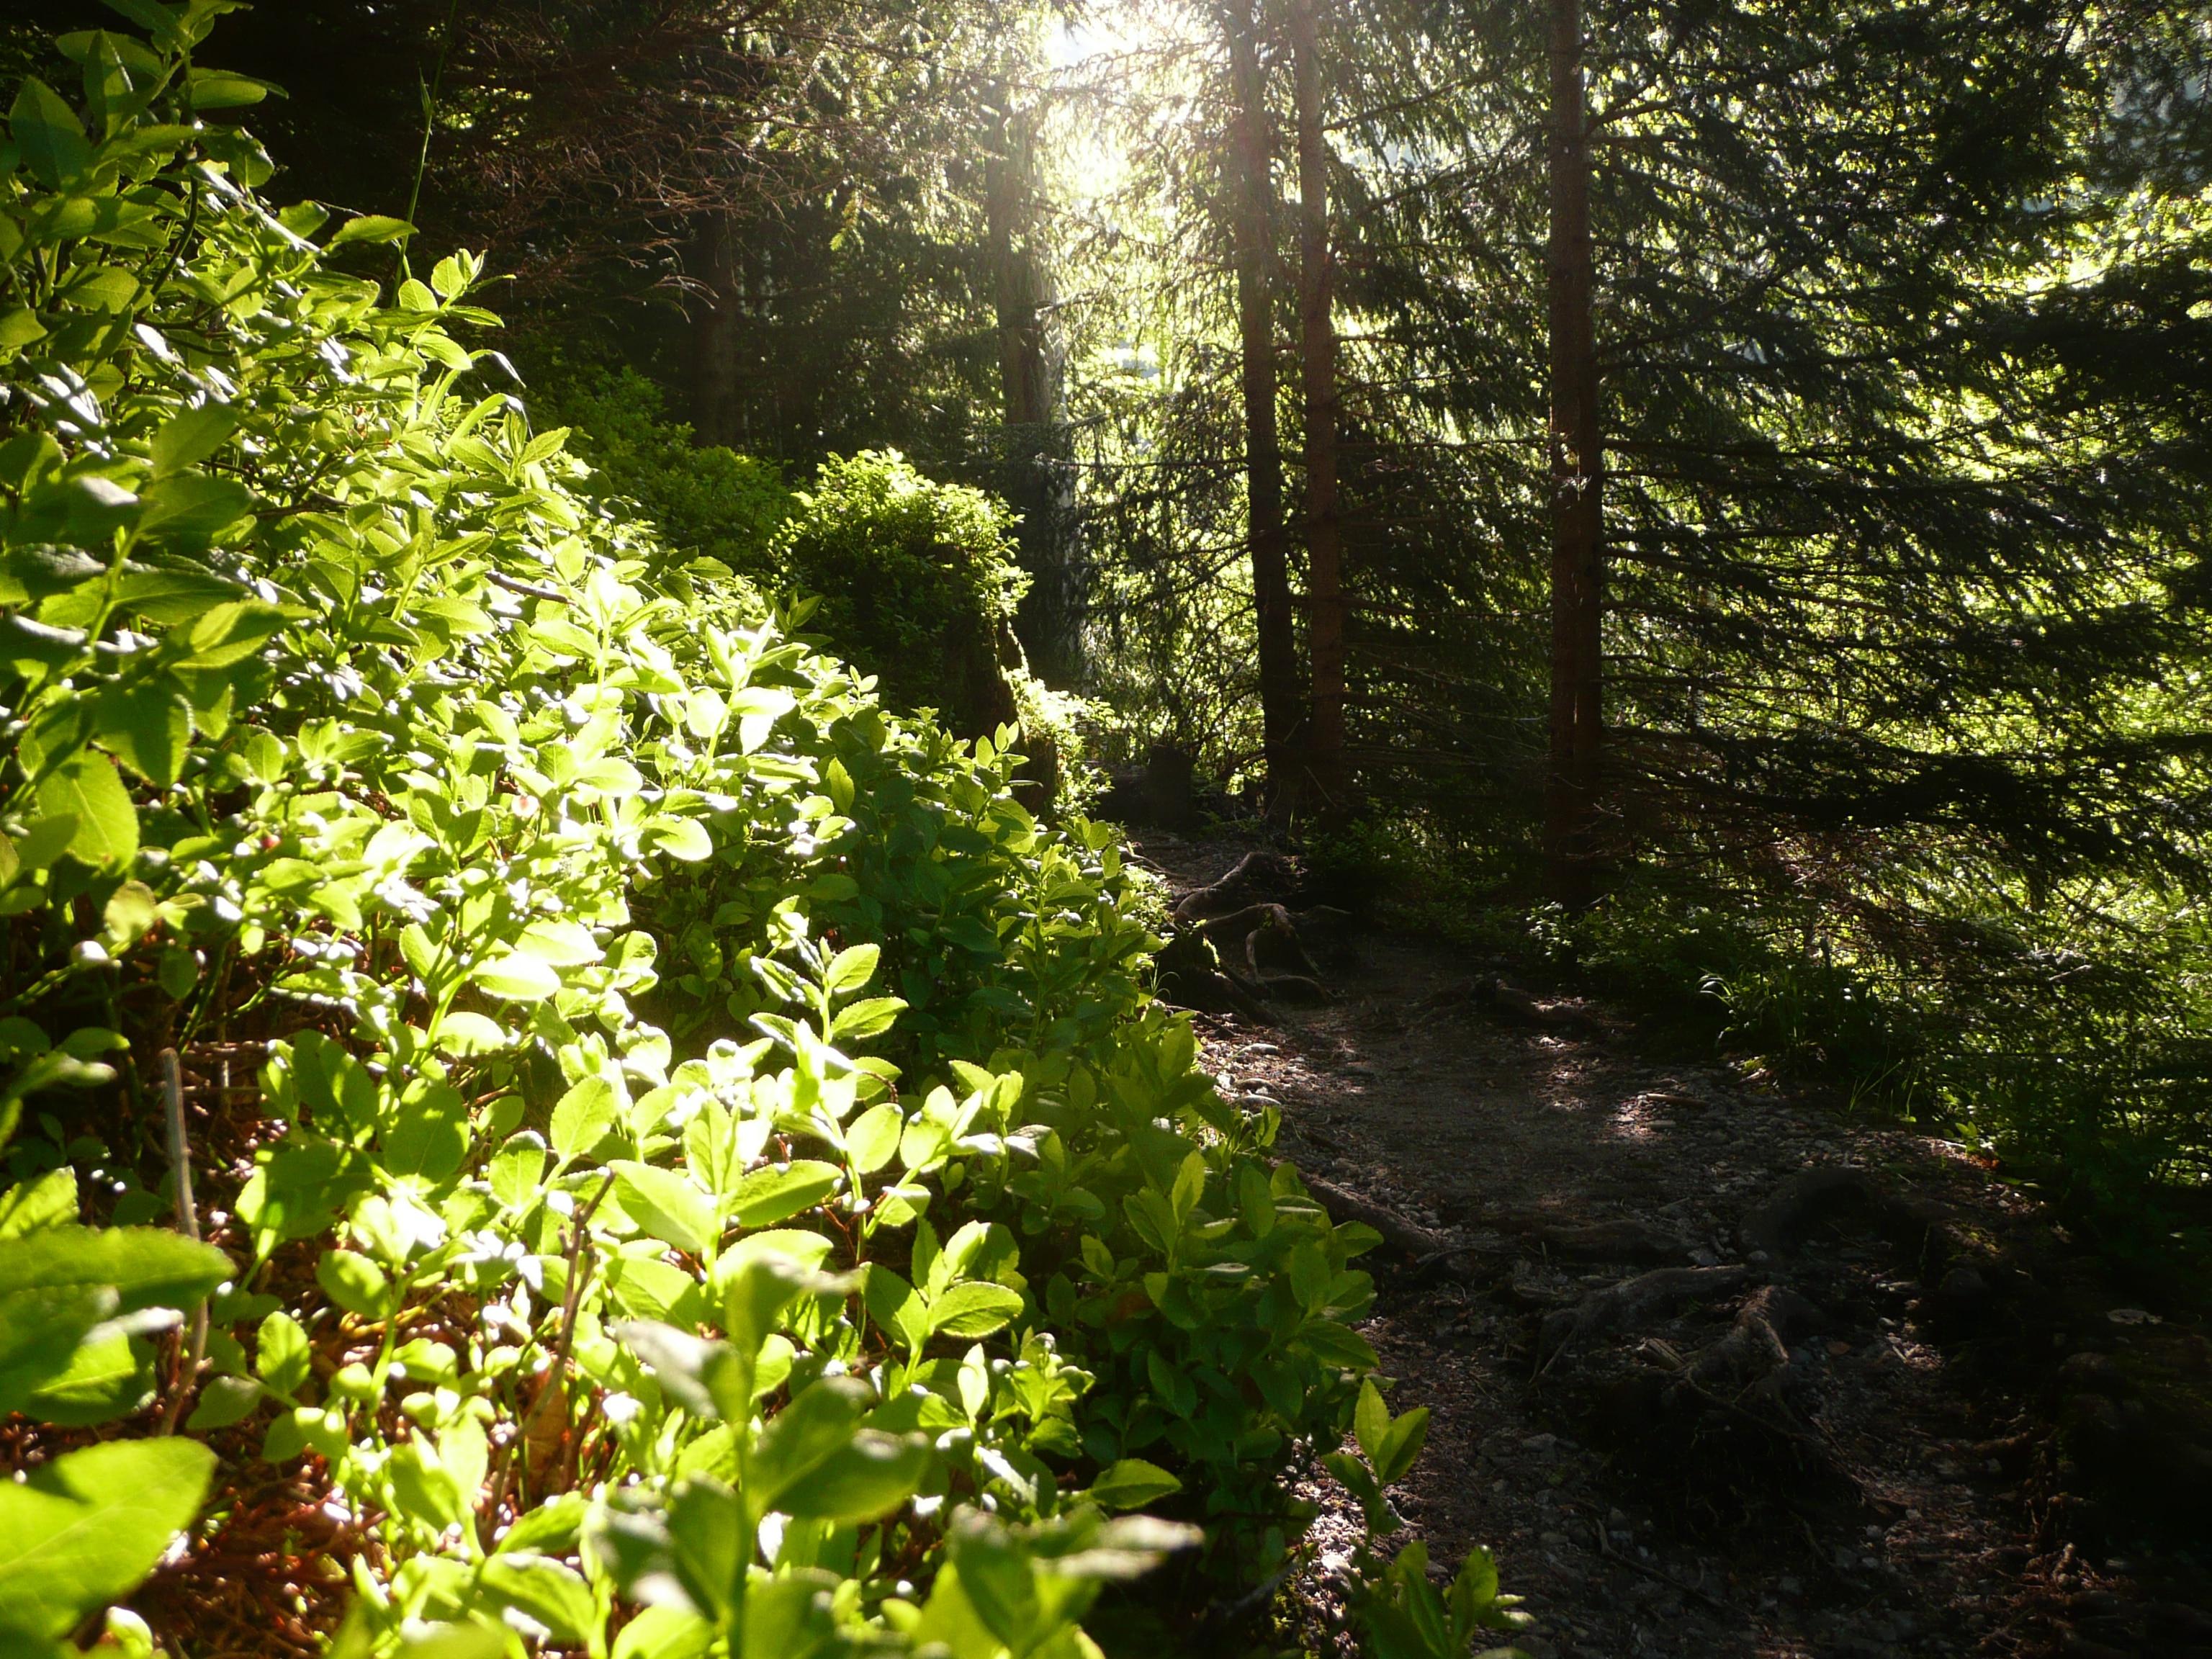 Klettersteig Am Ettaler Mandl : Ettaler mandl klettersteig bergwanderung auf das